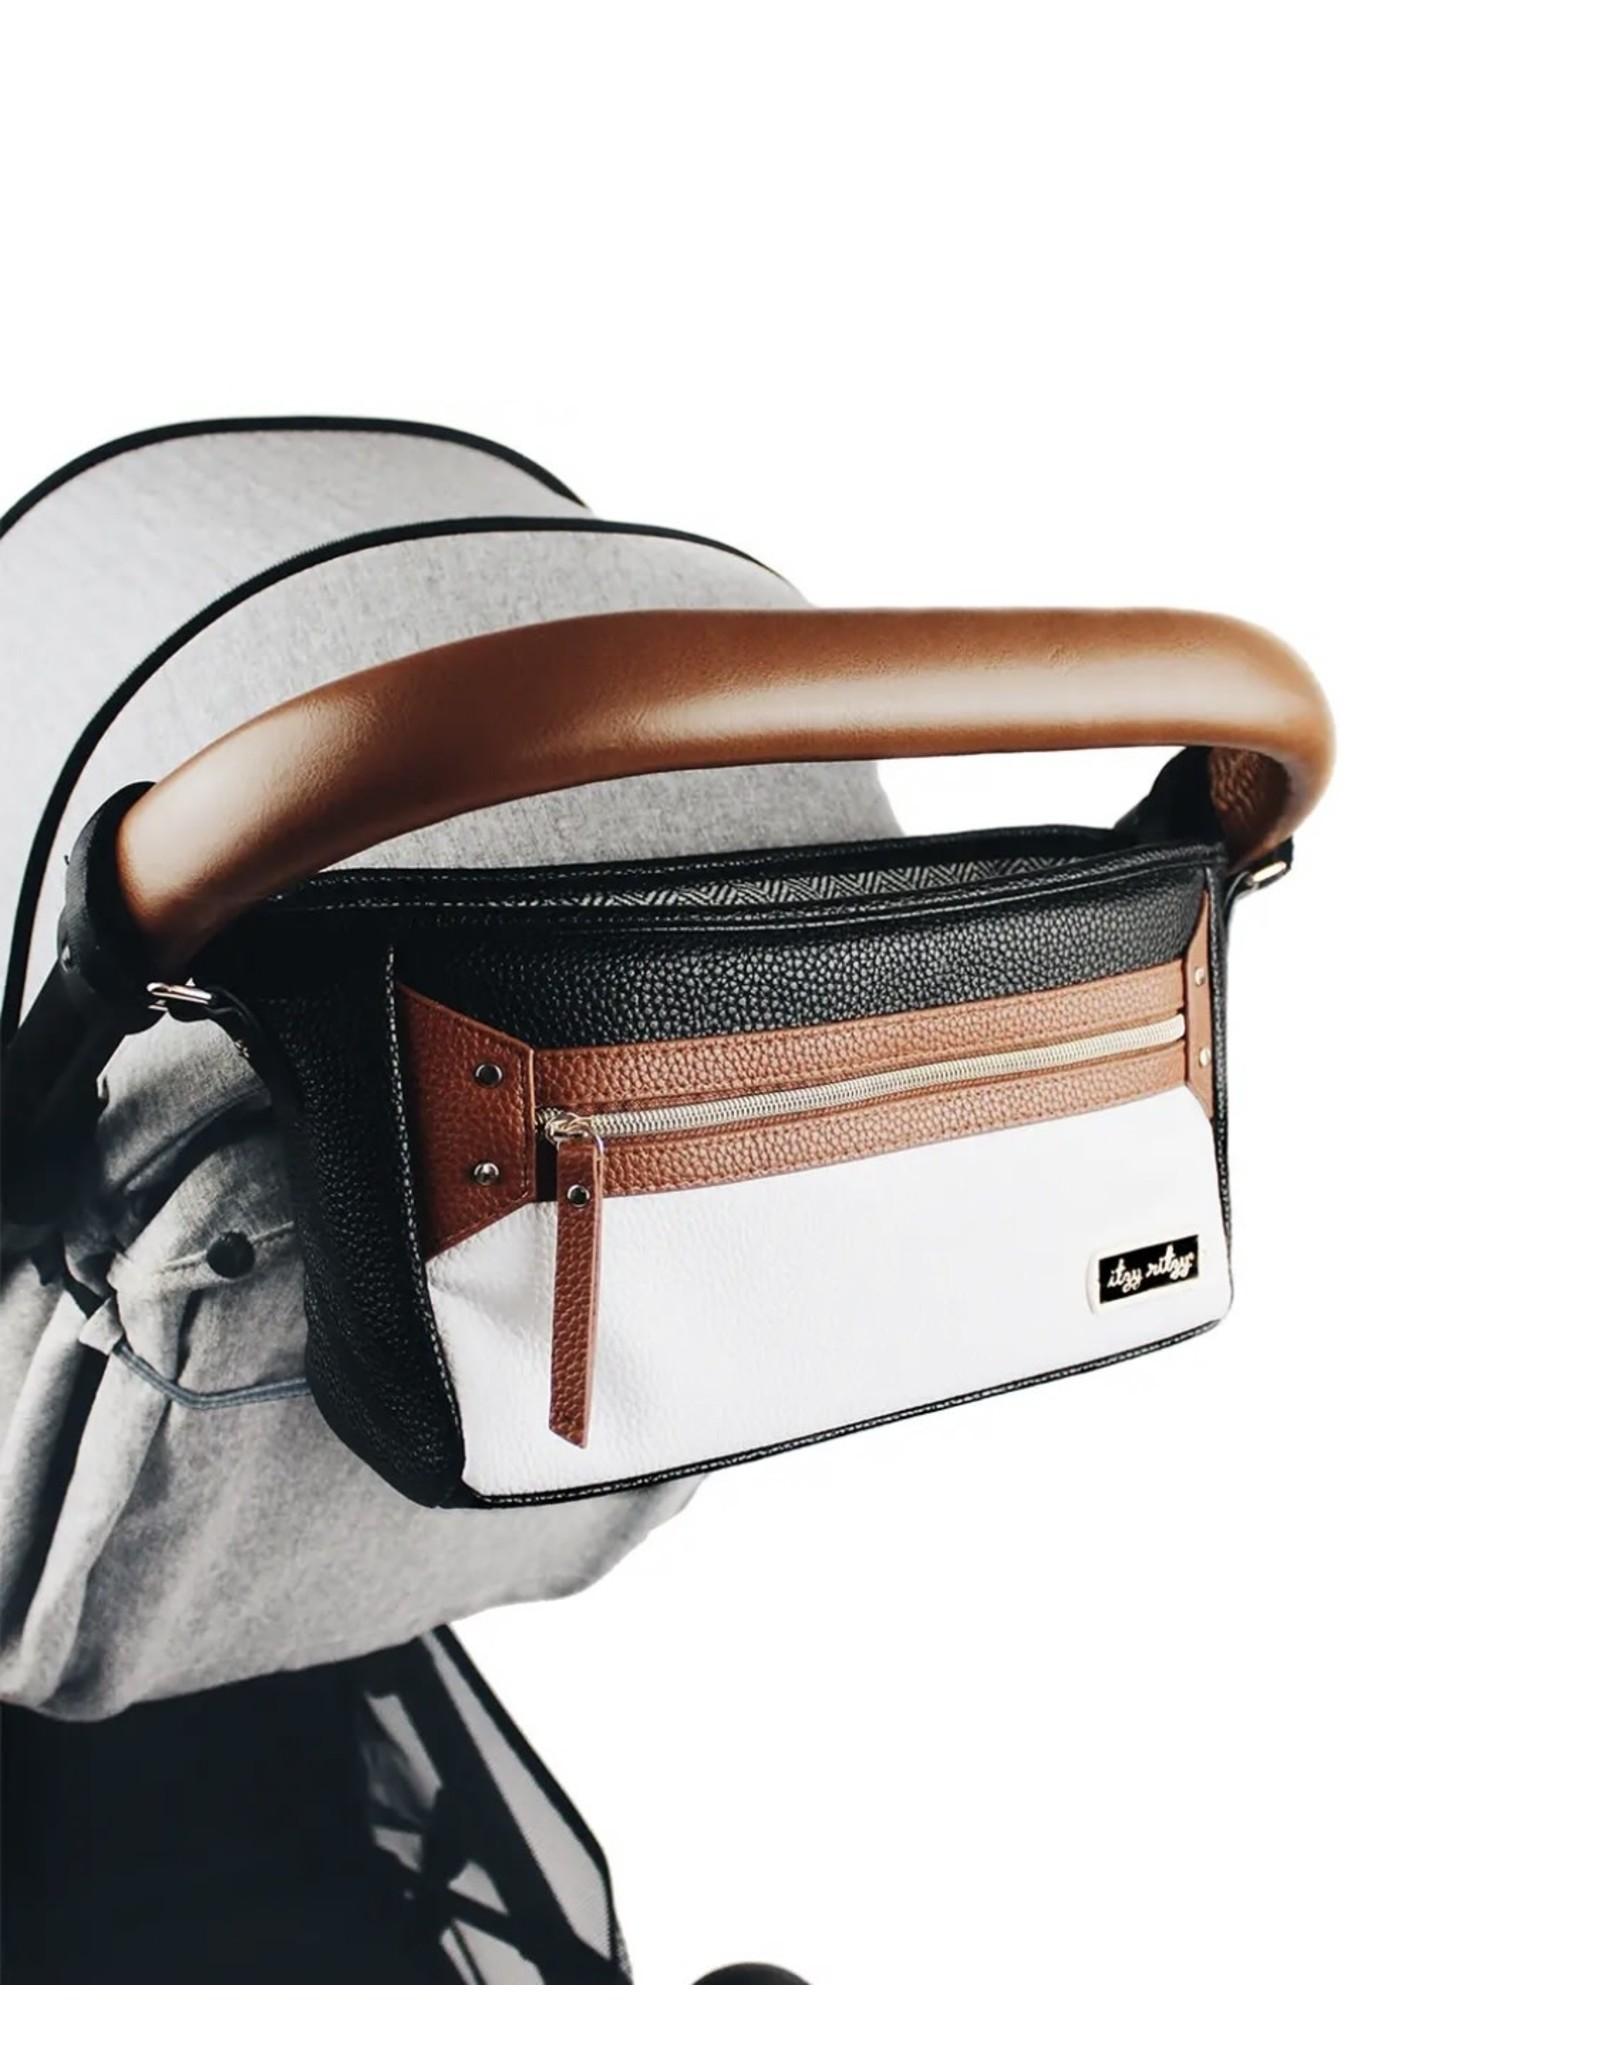 Itzy Ritzy Itzy Ritzy- Coffee & Cream Travel Stroller Caddy